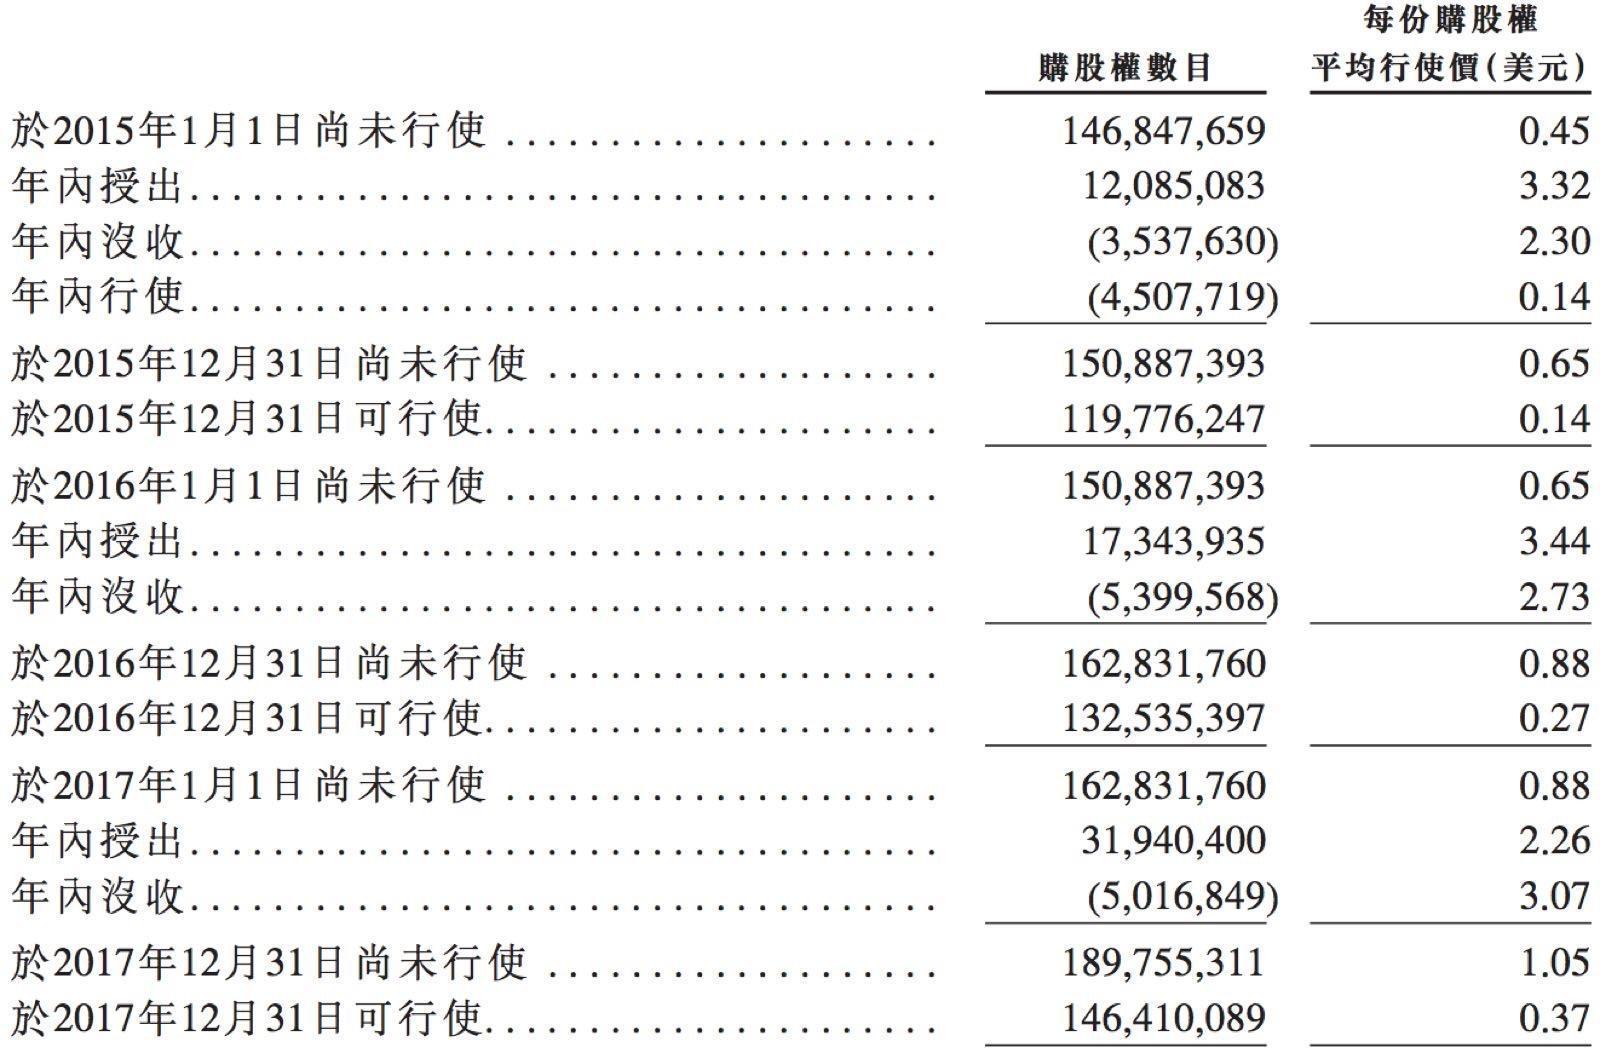 小米造富神话虚实:员工平均年薪16万 期权咋分